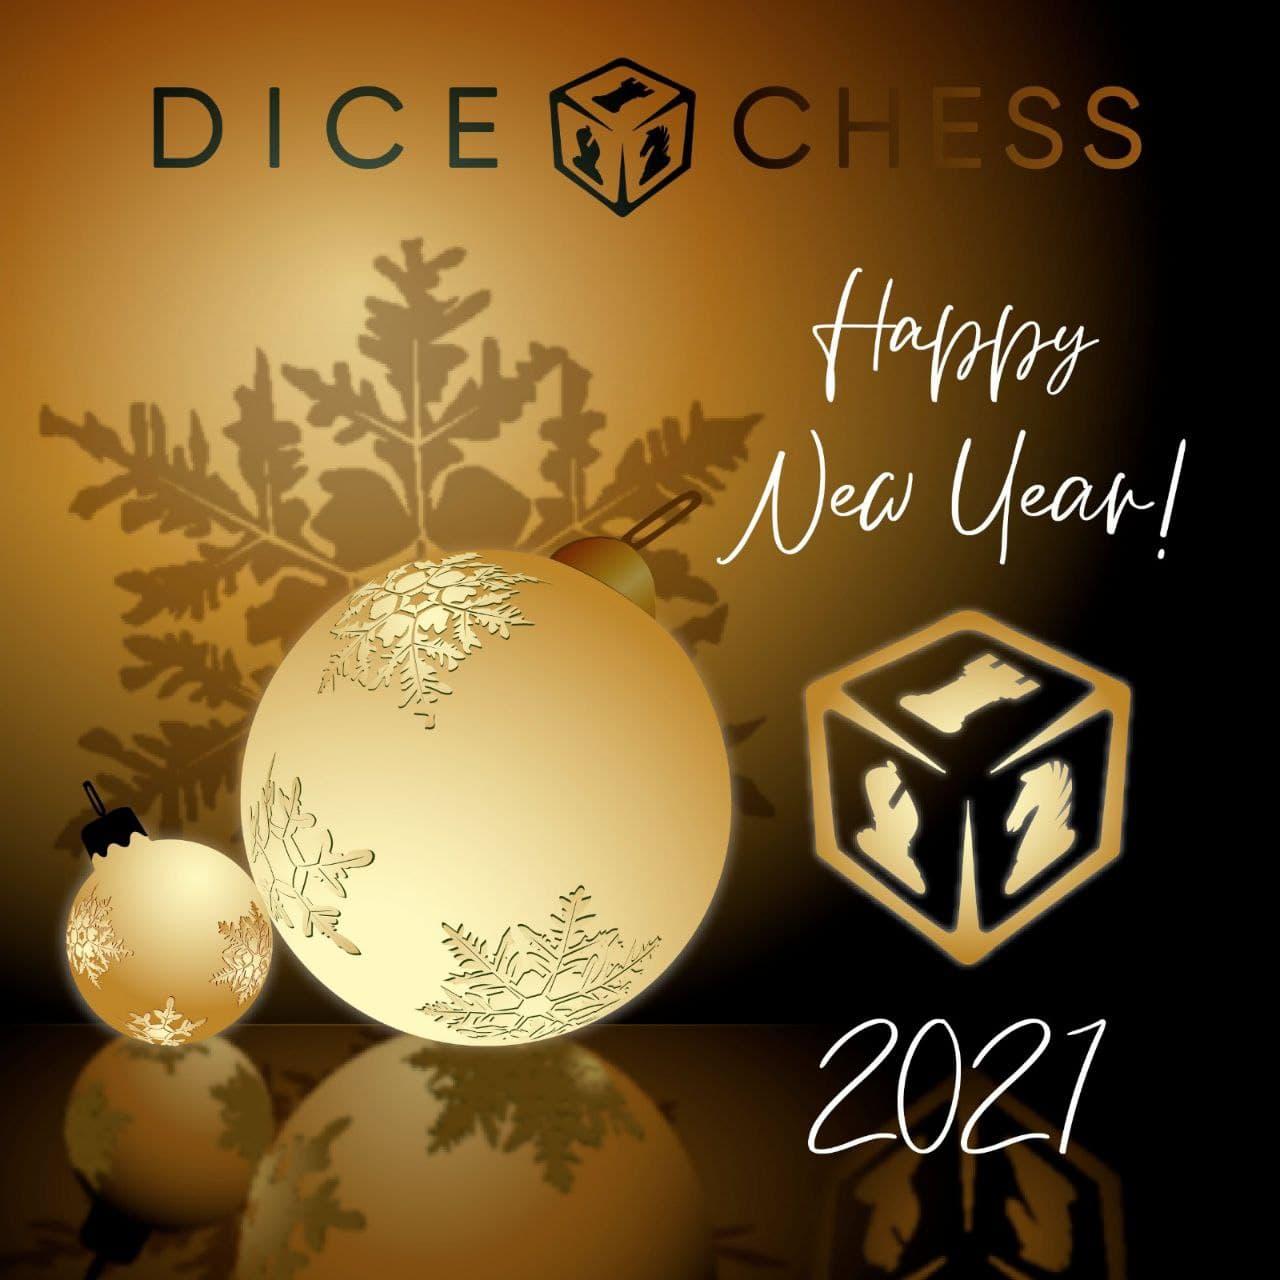 Featured image for Dice Chess федерация поздравляет всех с Новым годом!